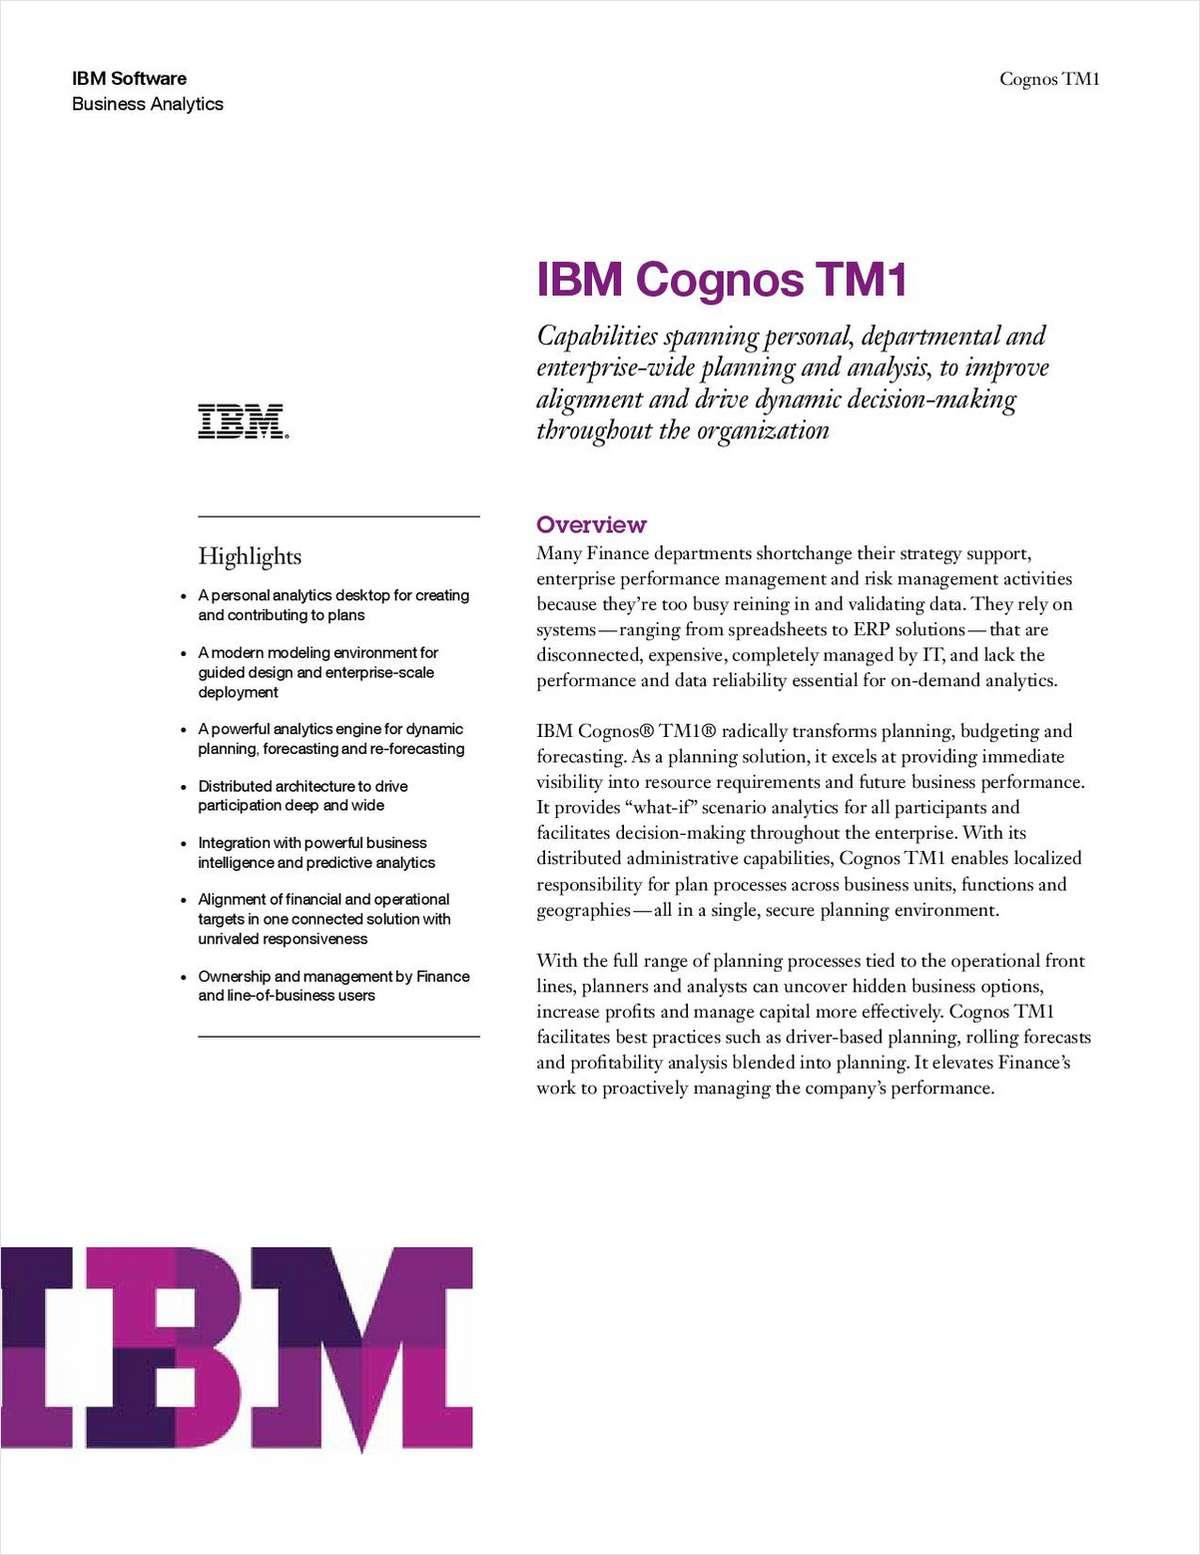 IBM Cognos® TM1®